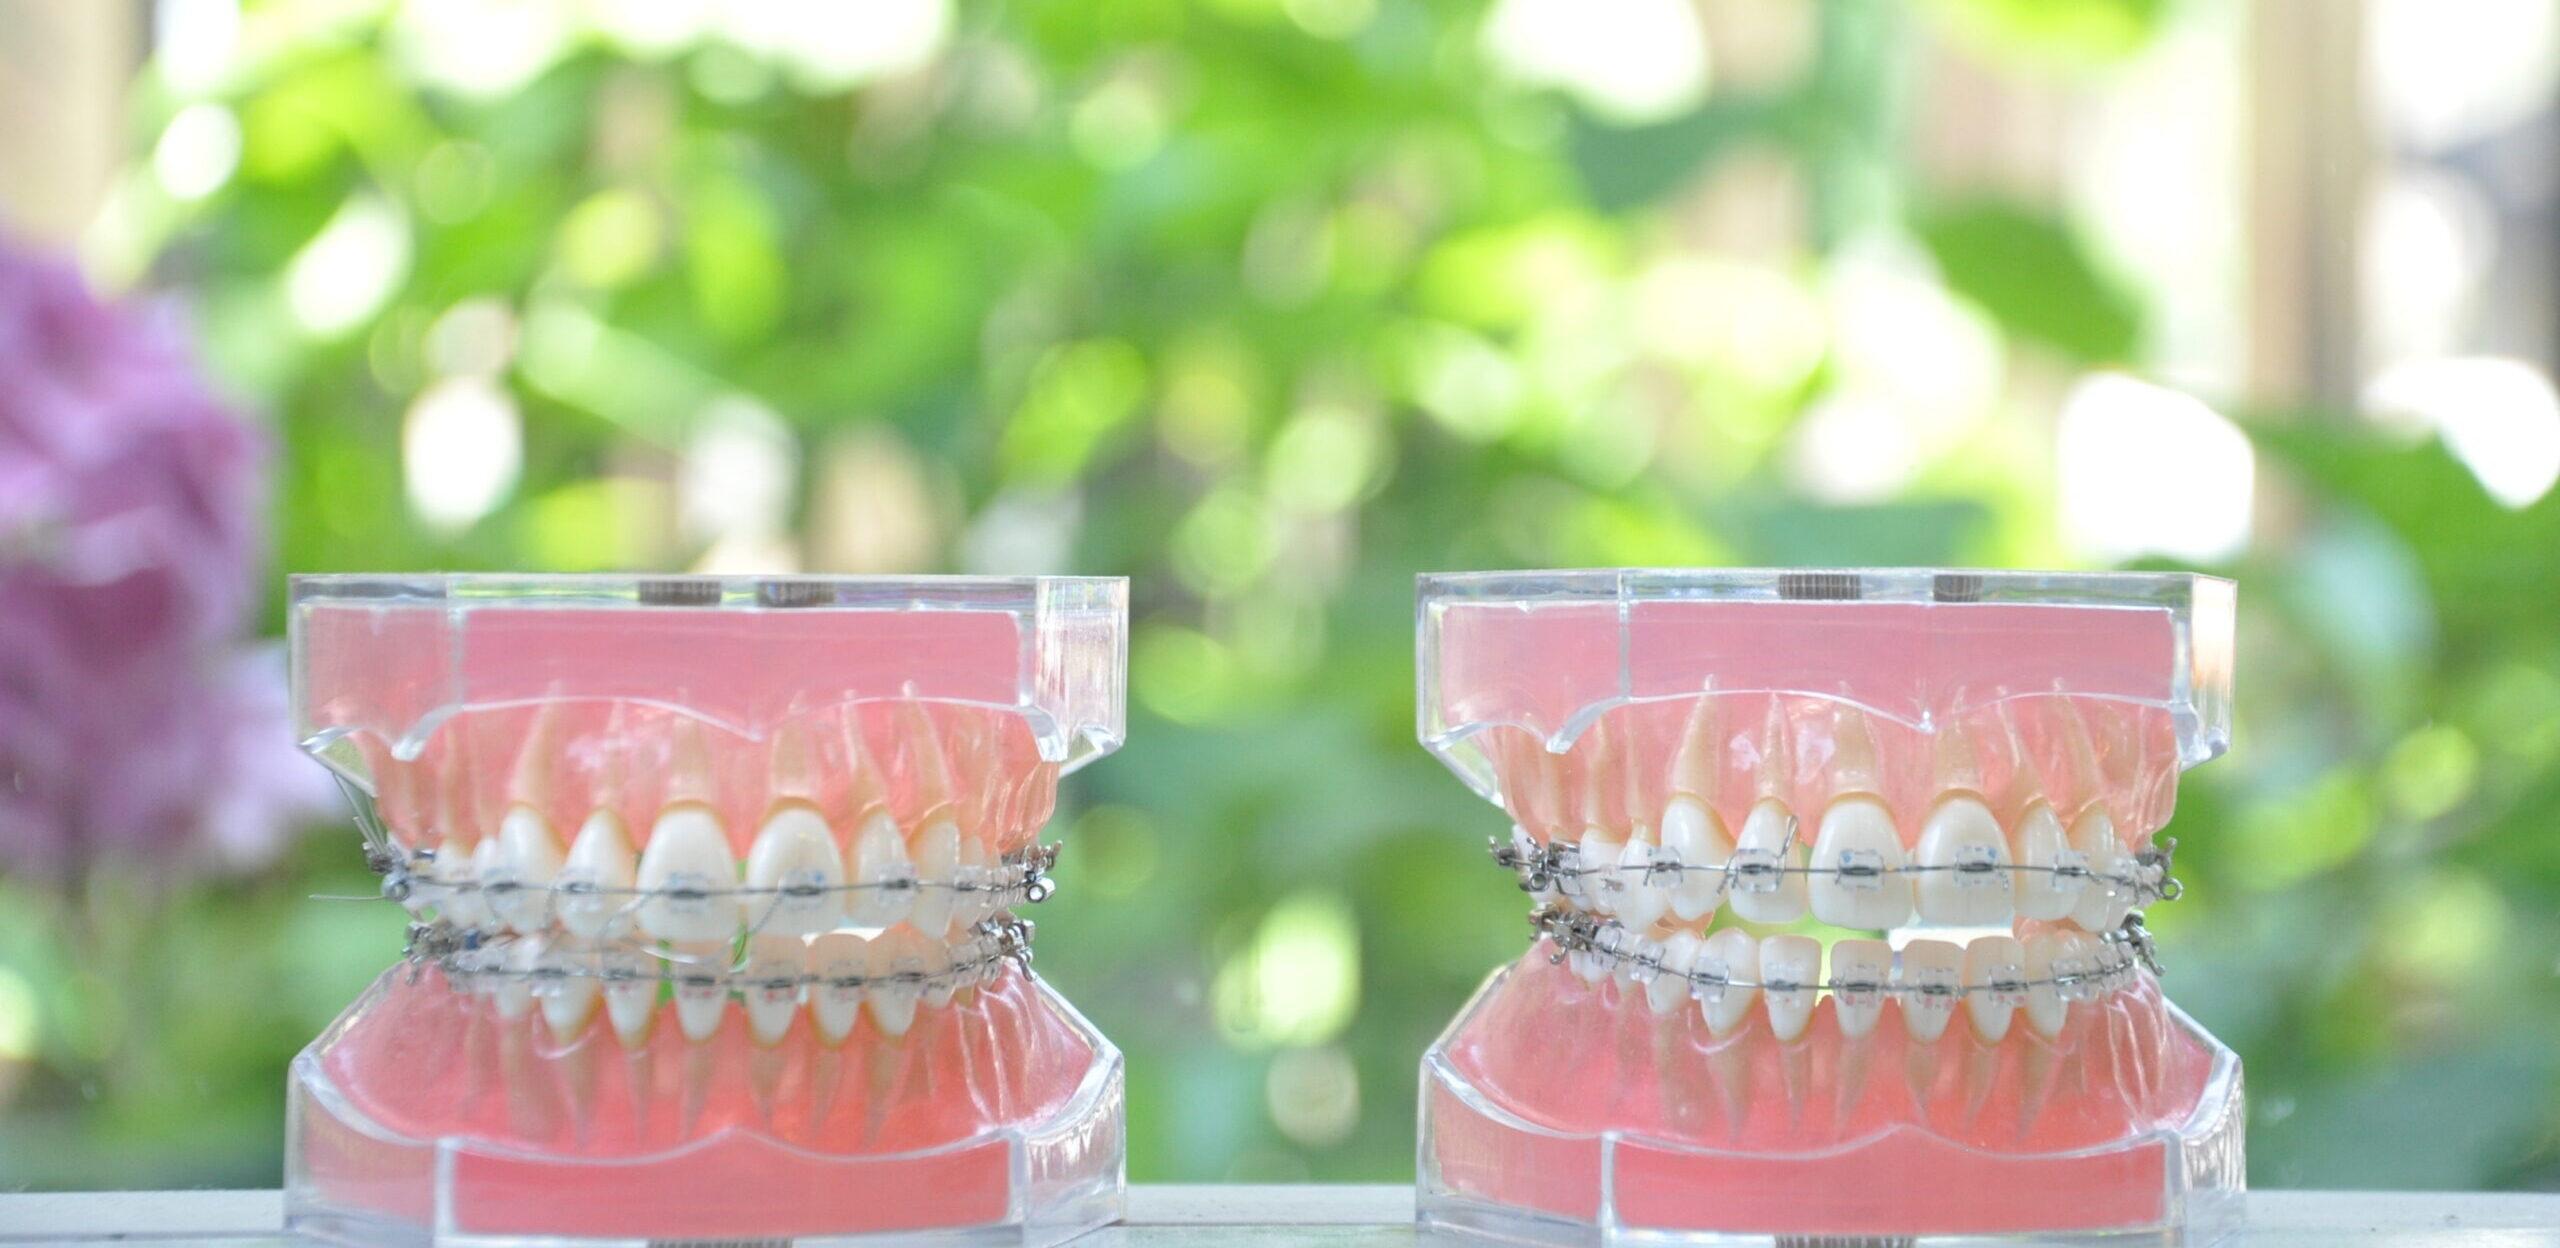 阿倍野区西田辺の歯医者 歯列矯正の費用